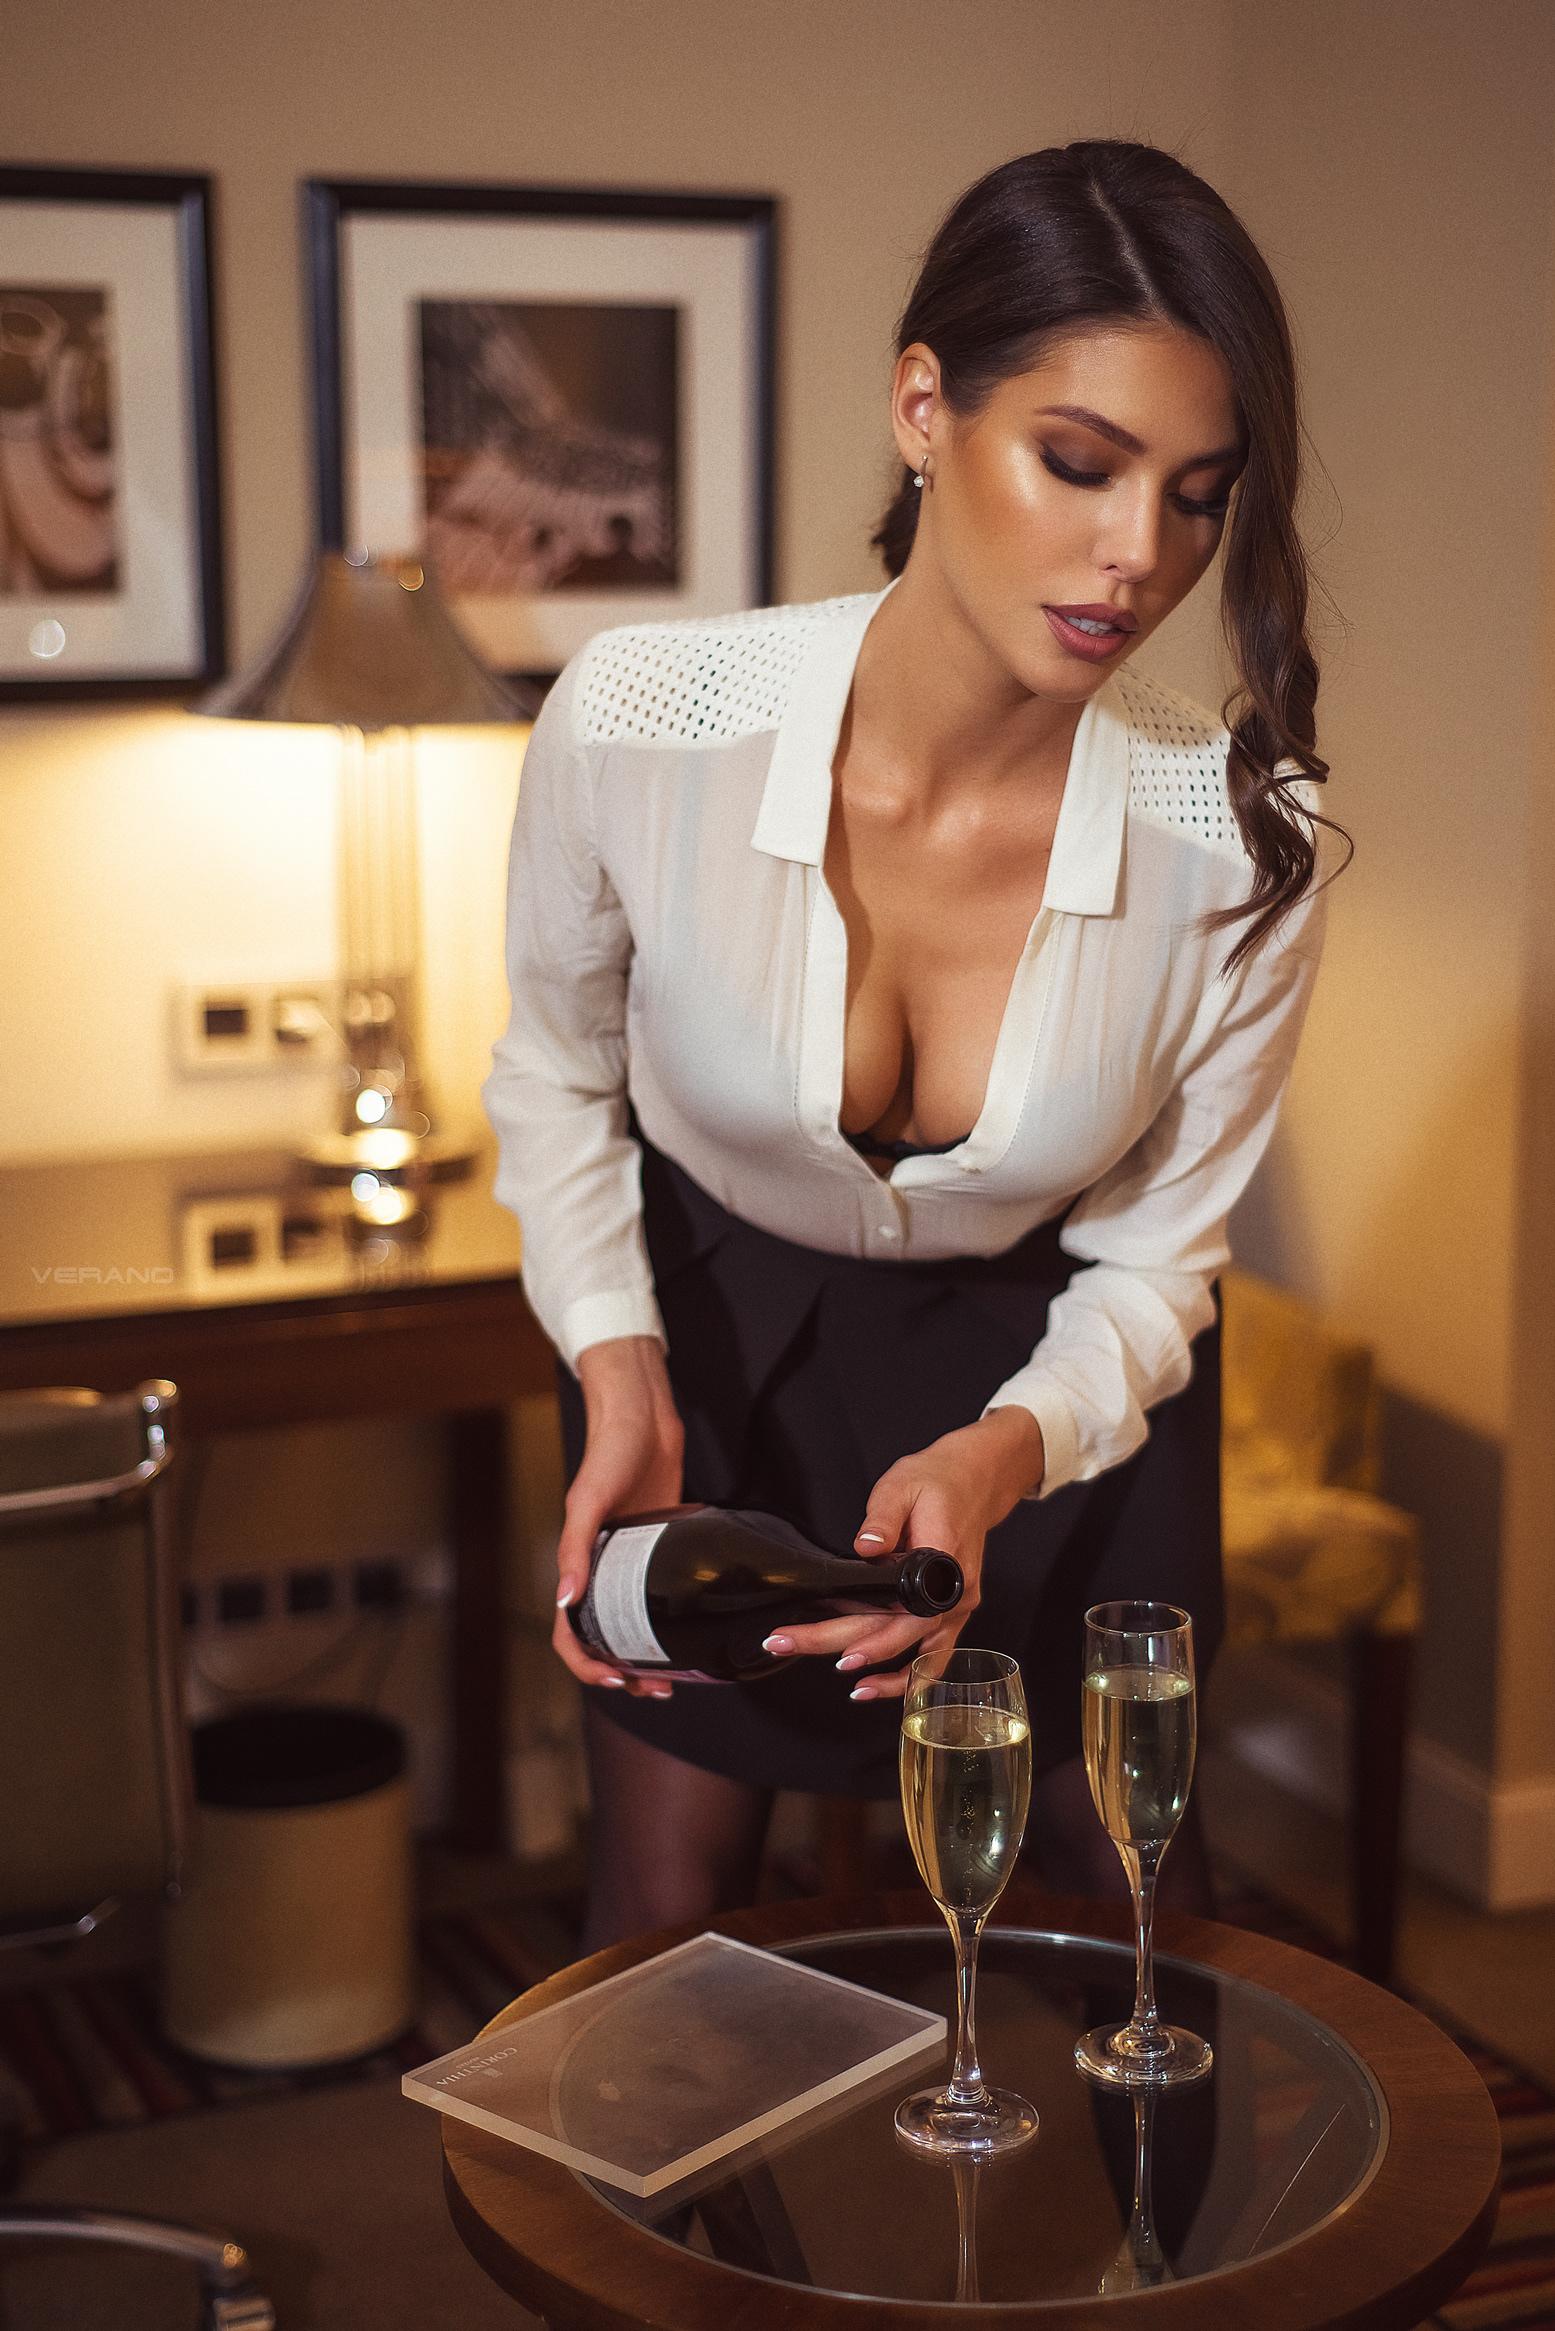 Hot Ladies Undressing